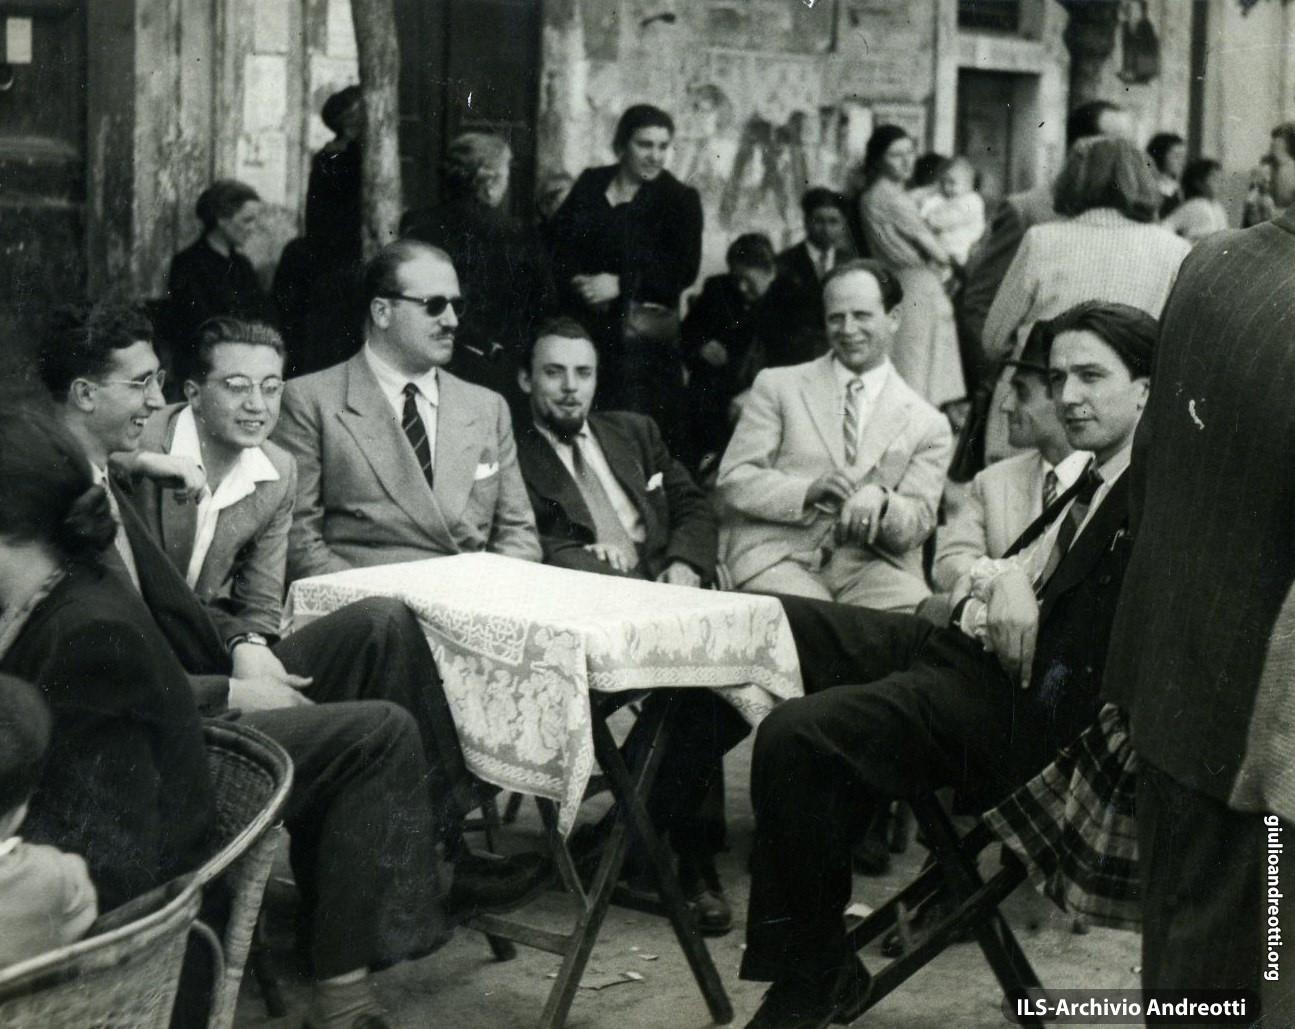 1940. Andreotti con gli amici al caffé a Castel Gandolfo (il secondo da sinisstra è Giorgio Ceccherini).